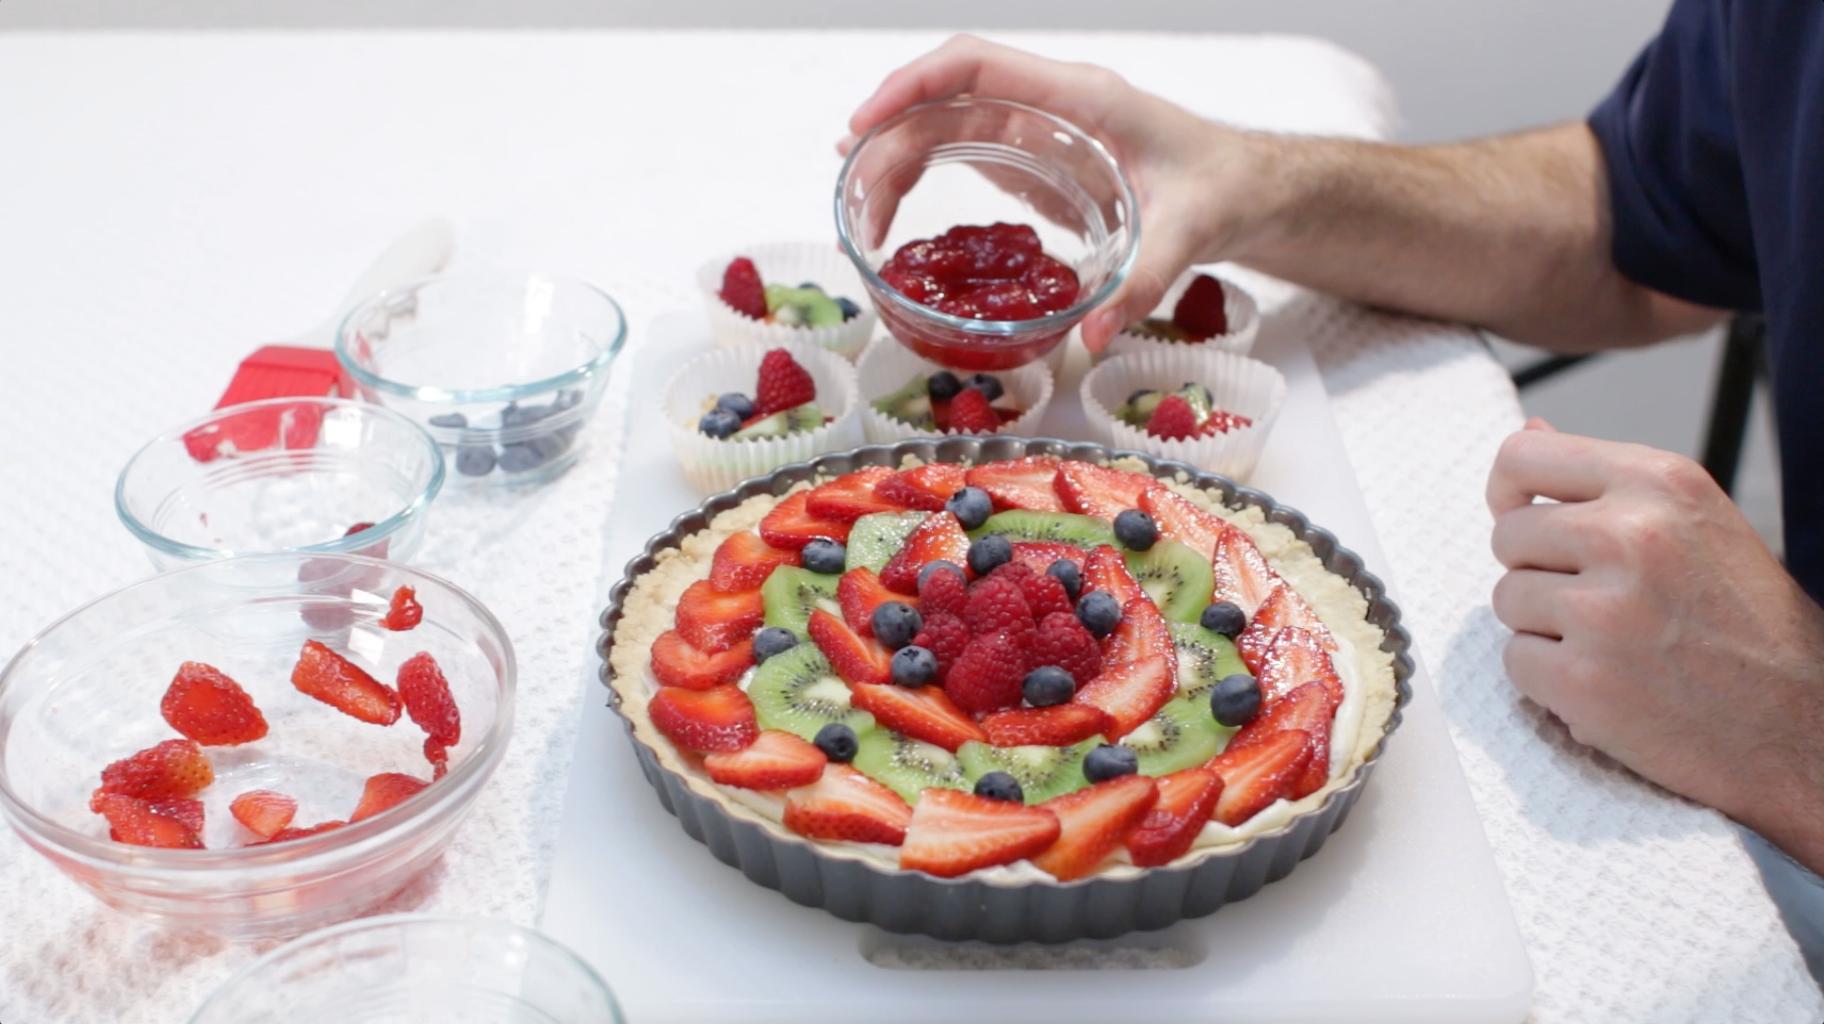 Make Glaze and Brush It on the Fruit